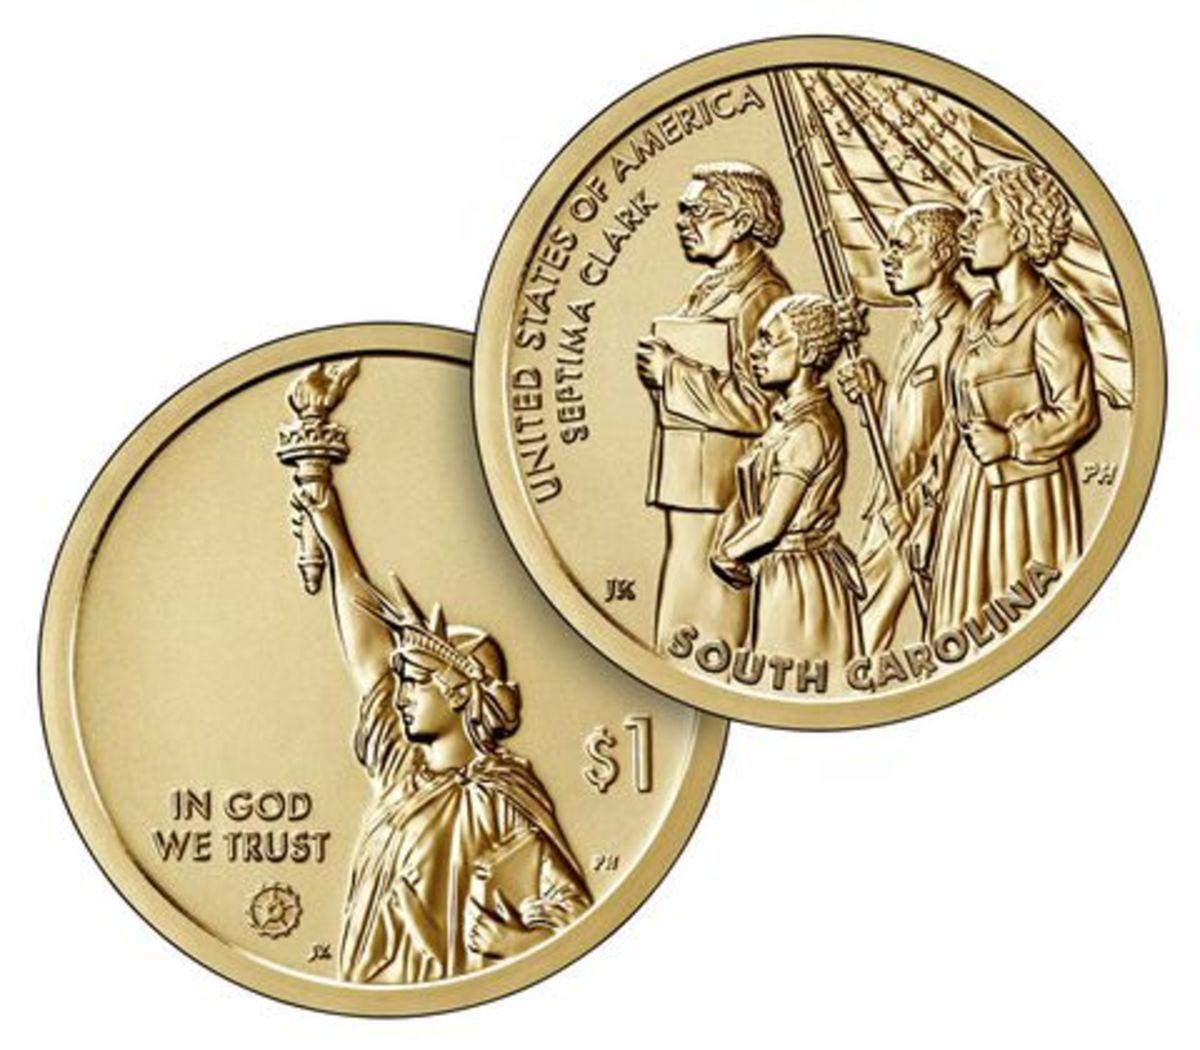 Image courtesy U.S. Mint.